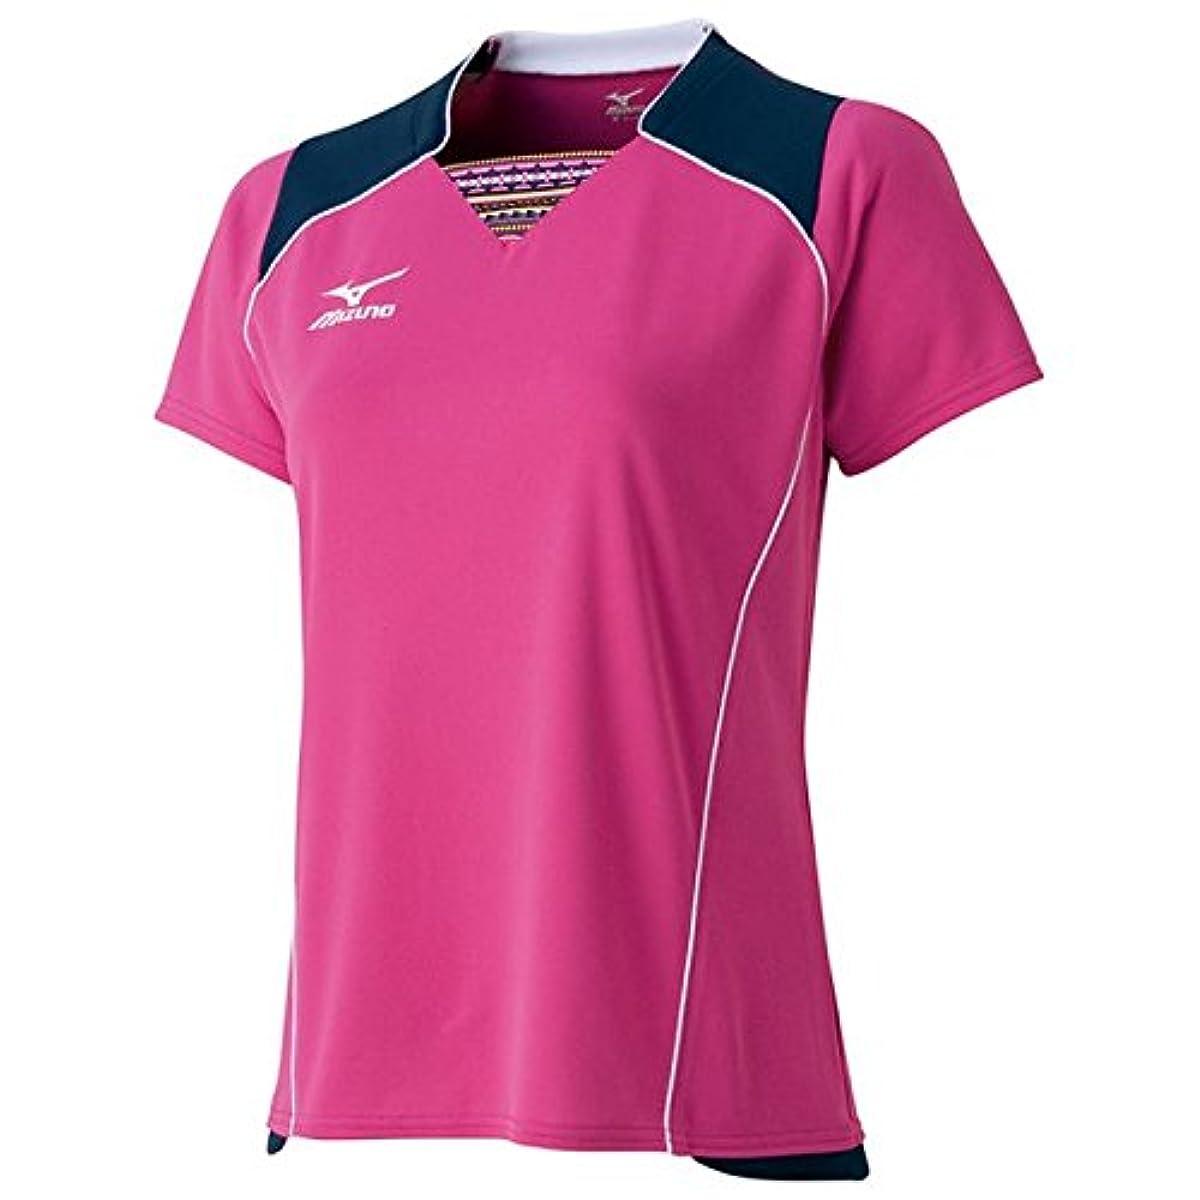 [해외] 미즈노(MIZUNO) 탁구 women's 게임 셔츠 (WOMENS) 82JA6801